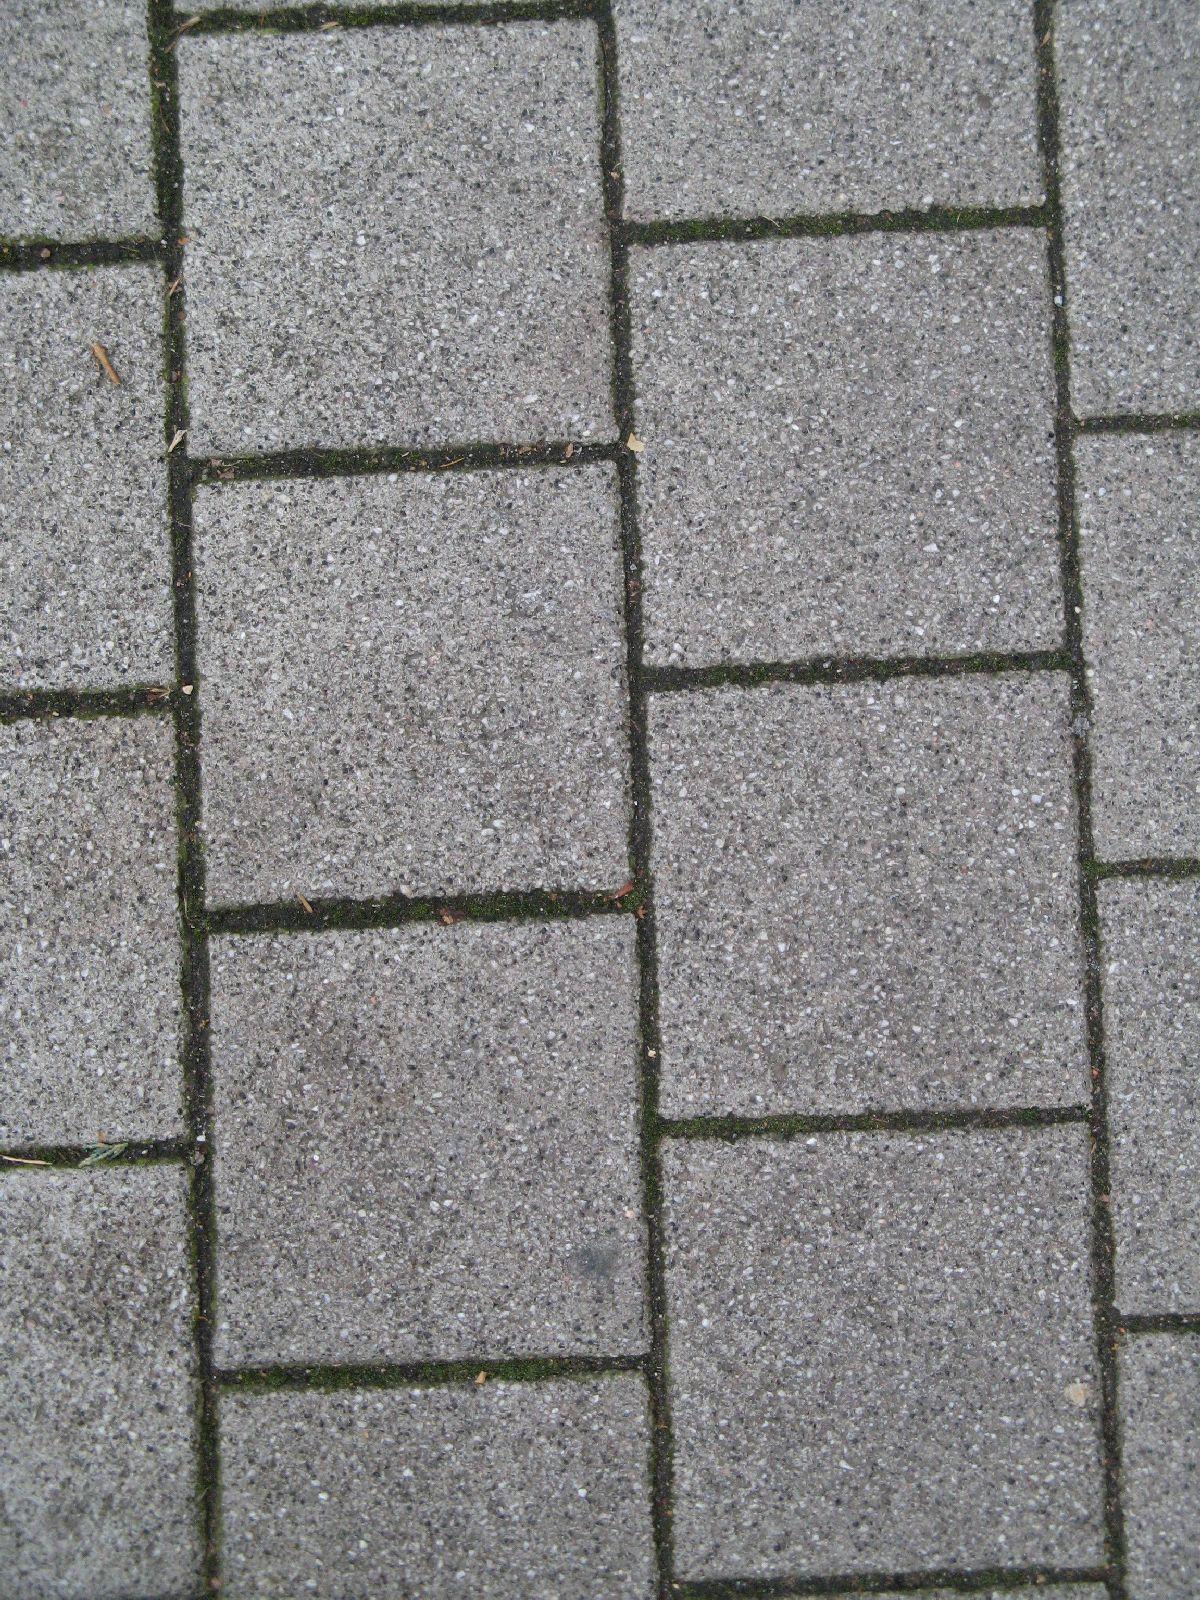 Ground-Urban_Texture_B_0930